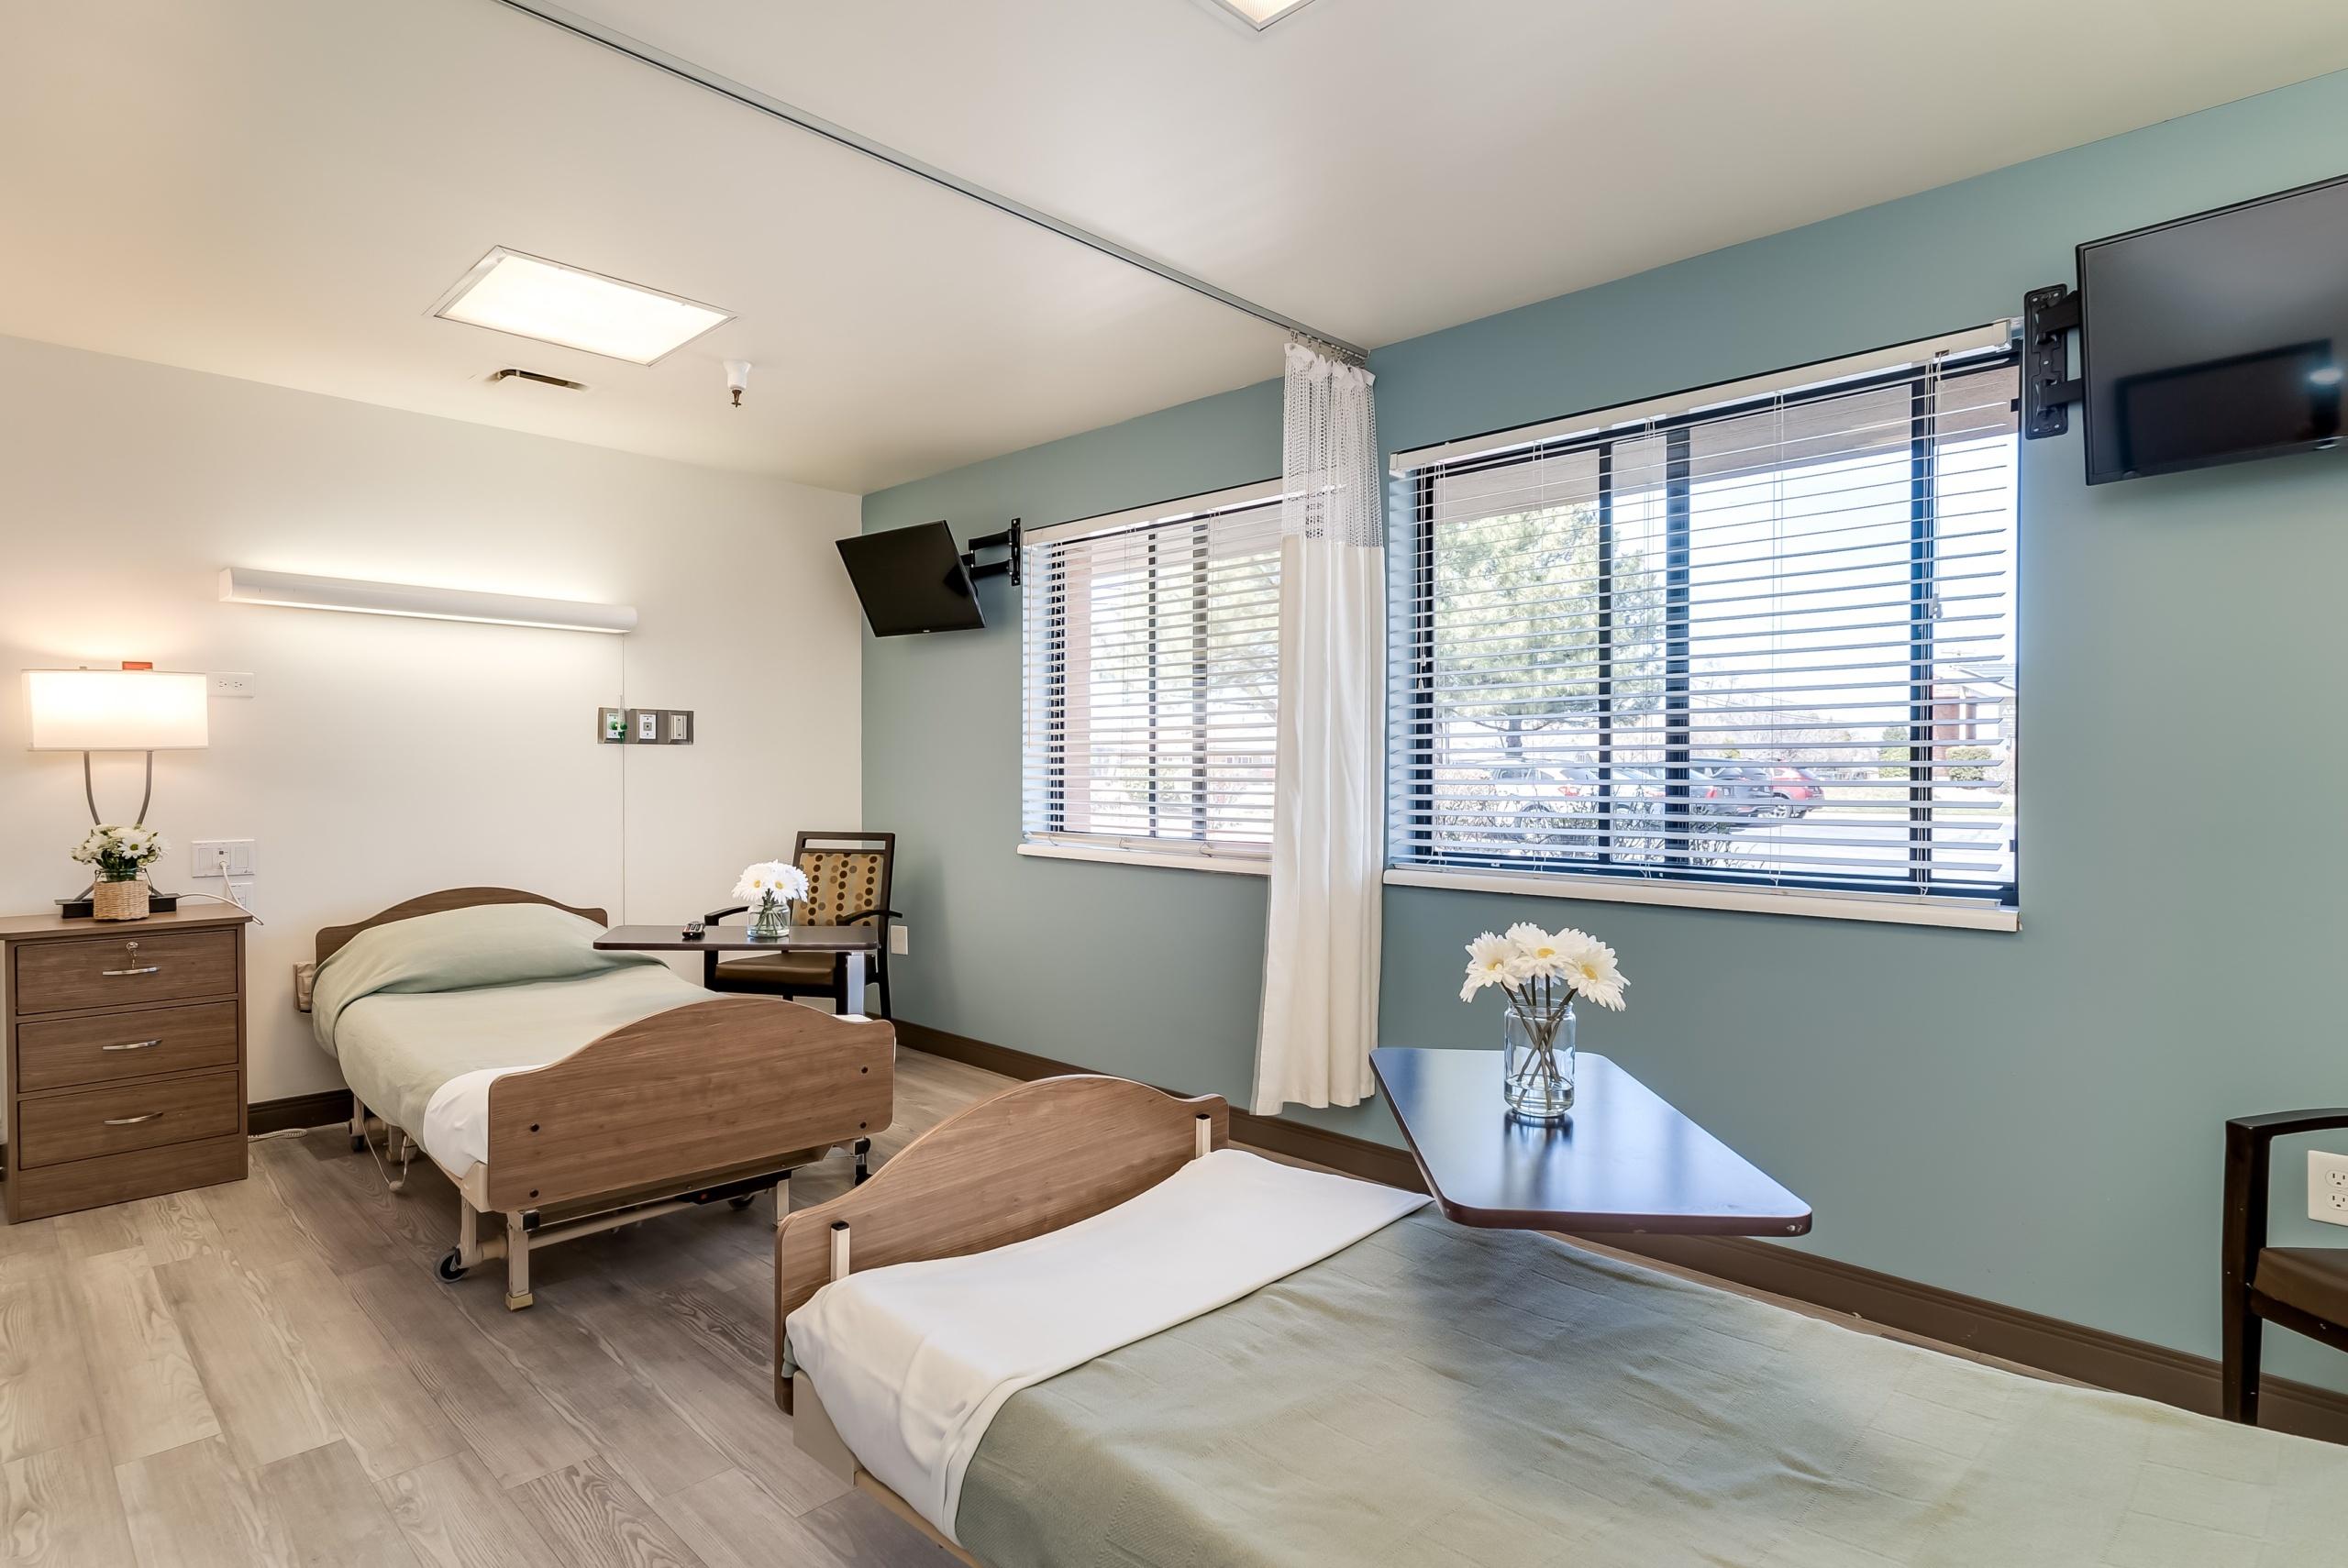 013_Patient Room